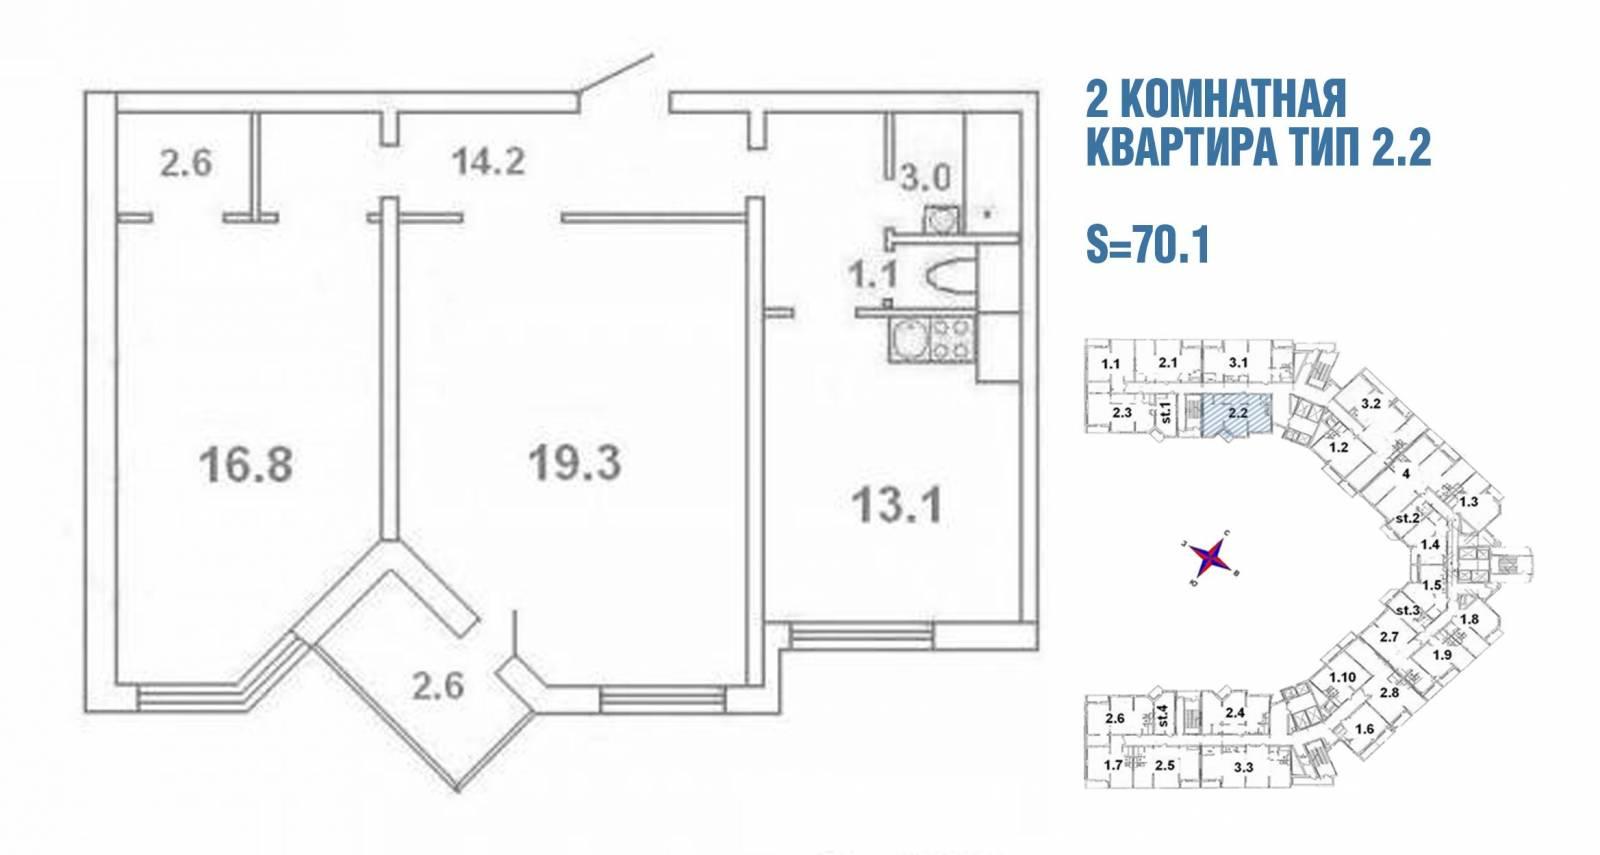 2-х комнатные квартиры тип 2.2 - 70,1 кв.м.